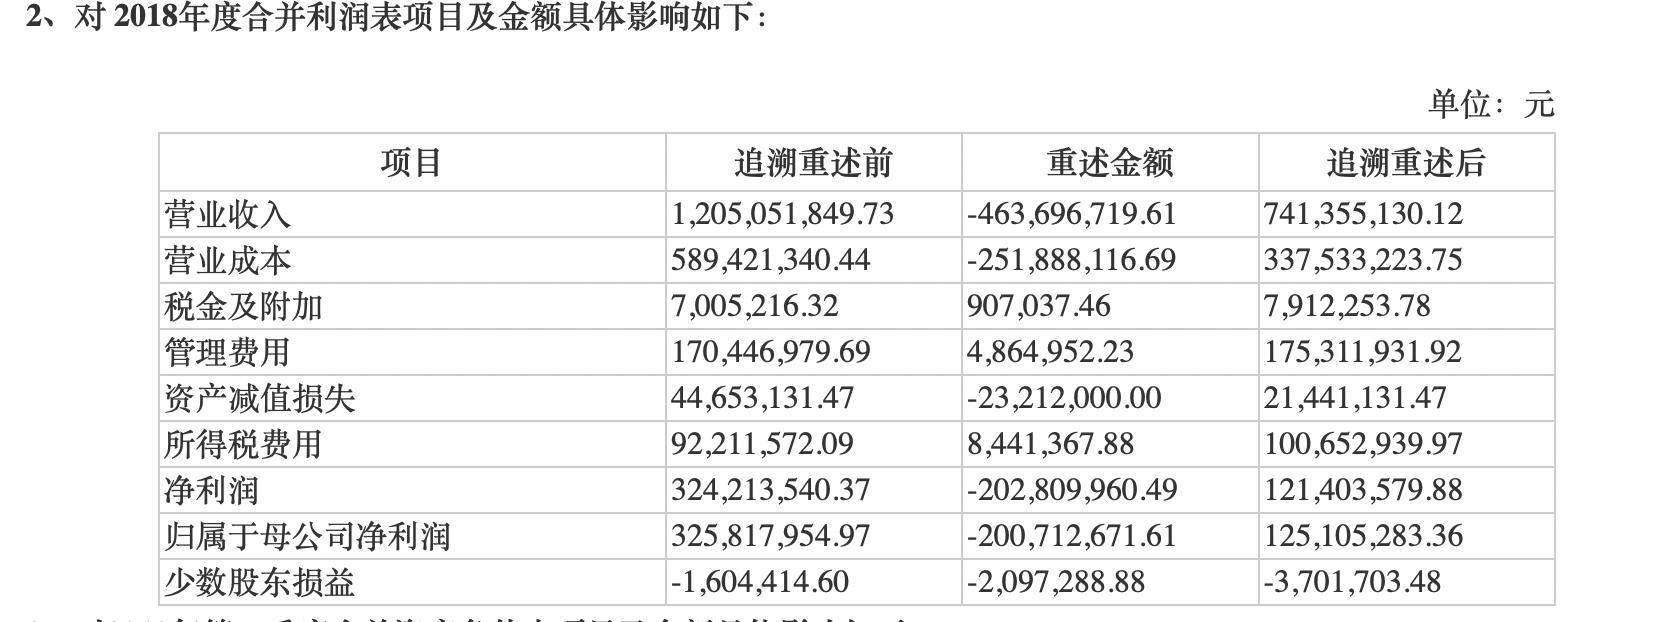 """北京文化""""hard模式""""开局:被立案调查、市值狂降52亿"""